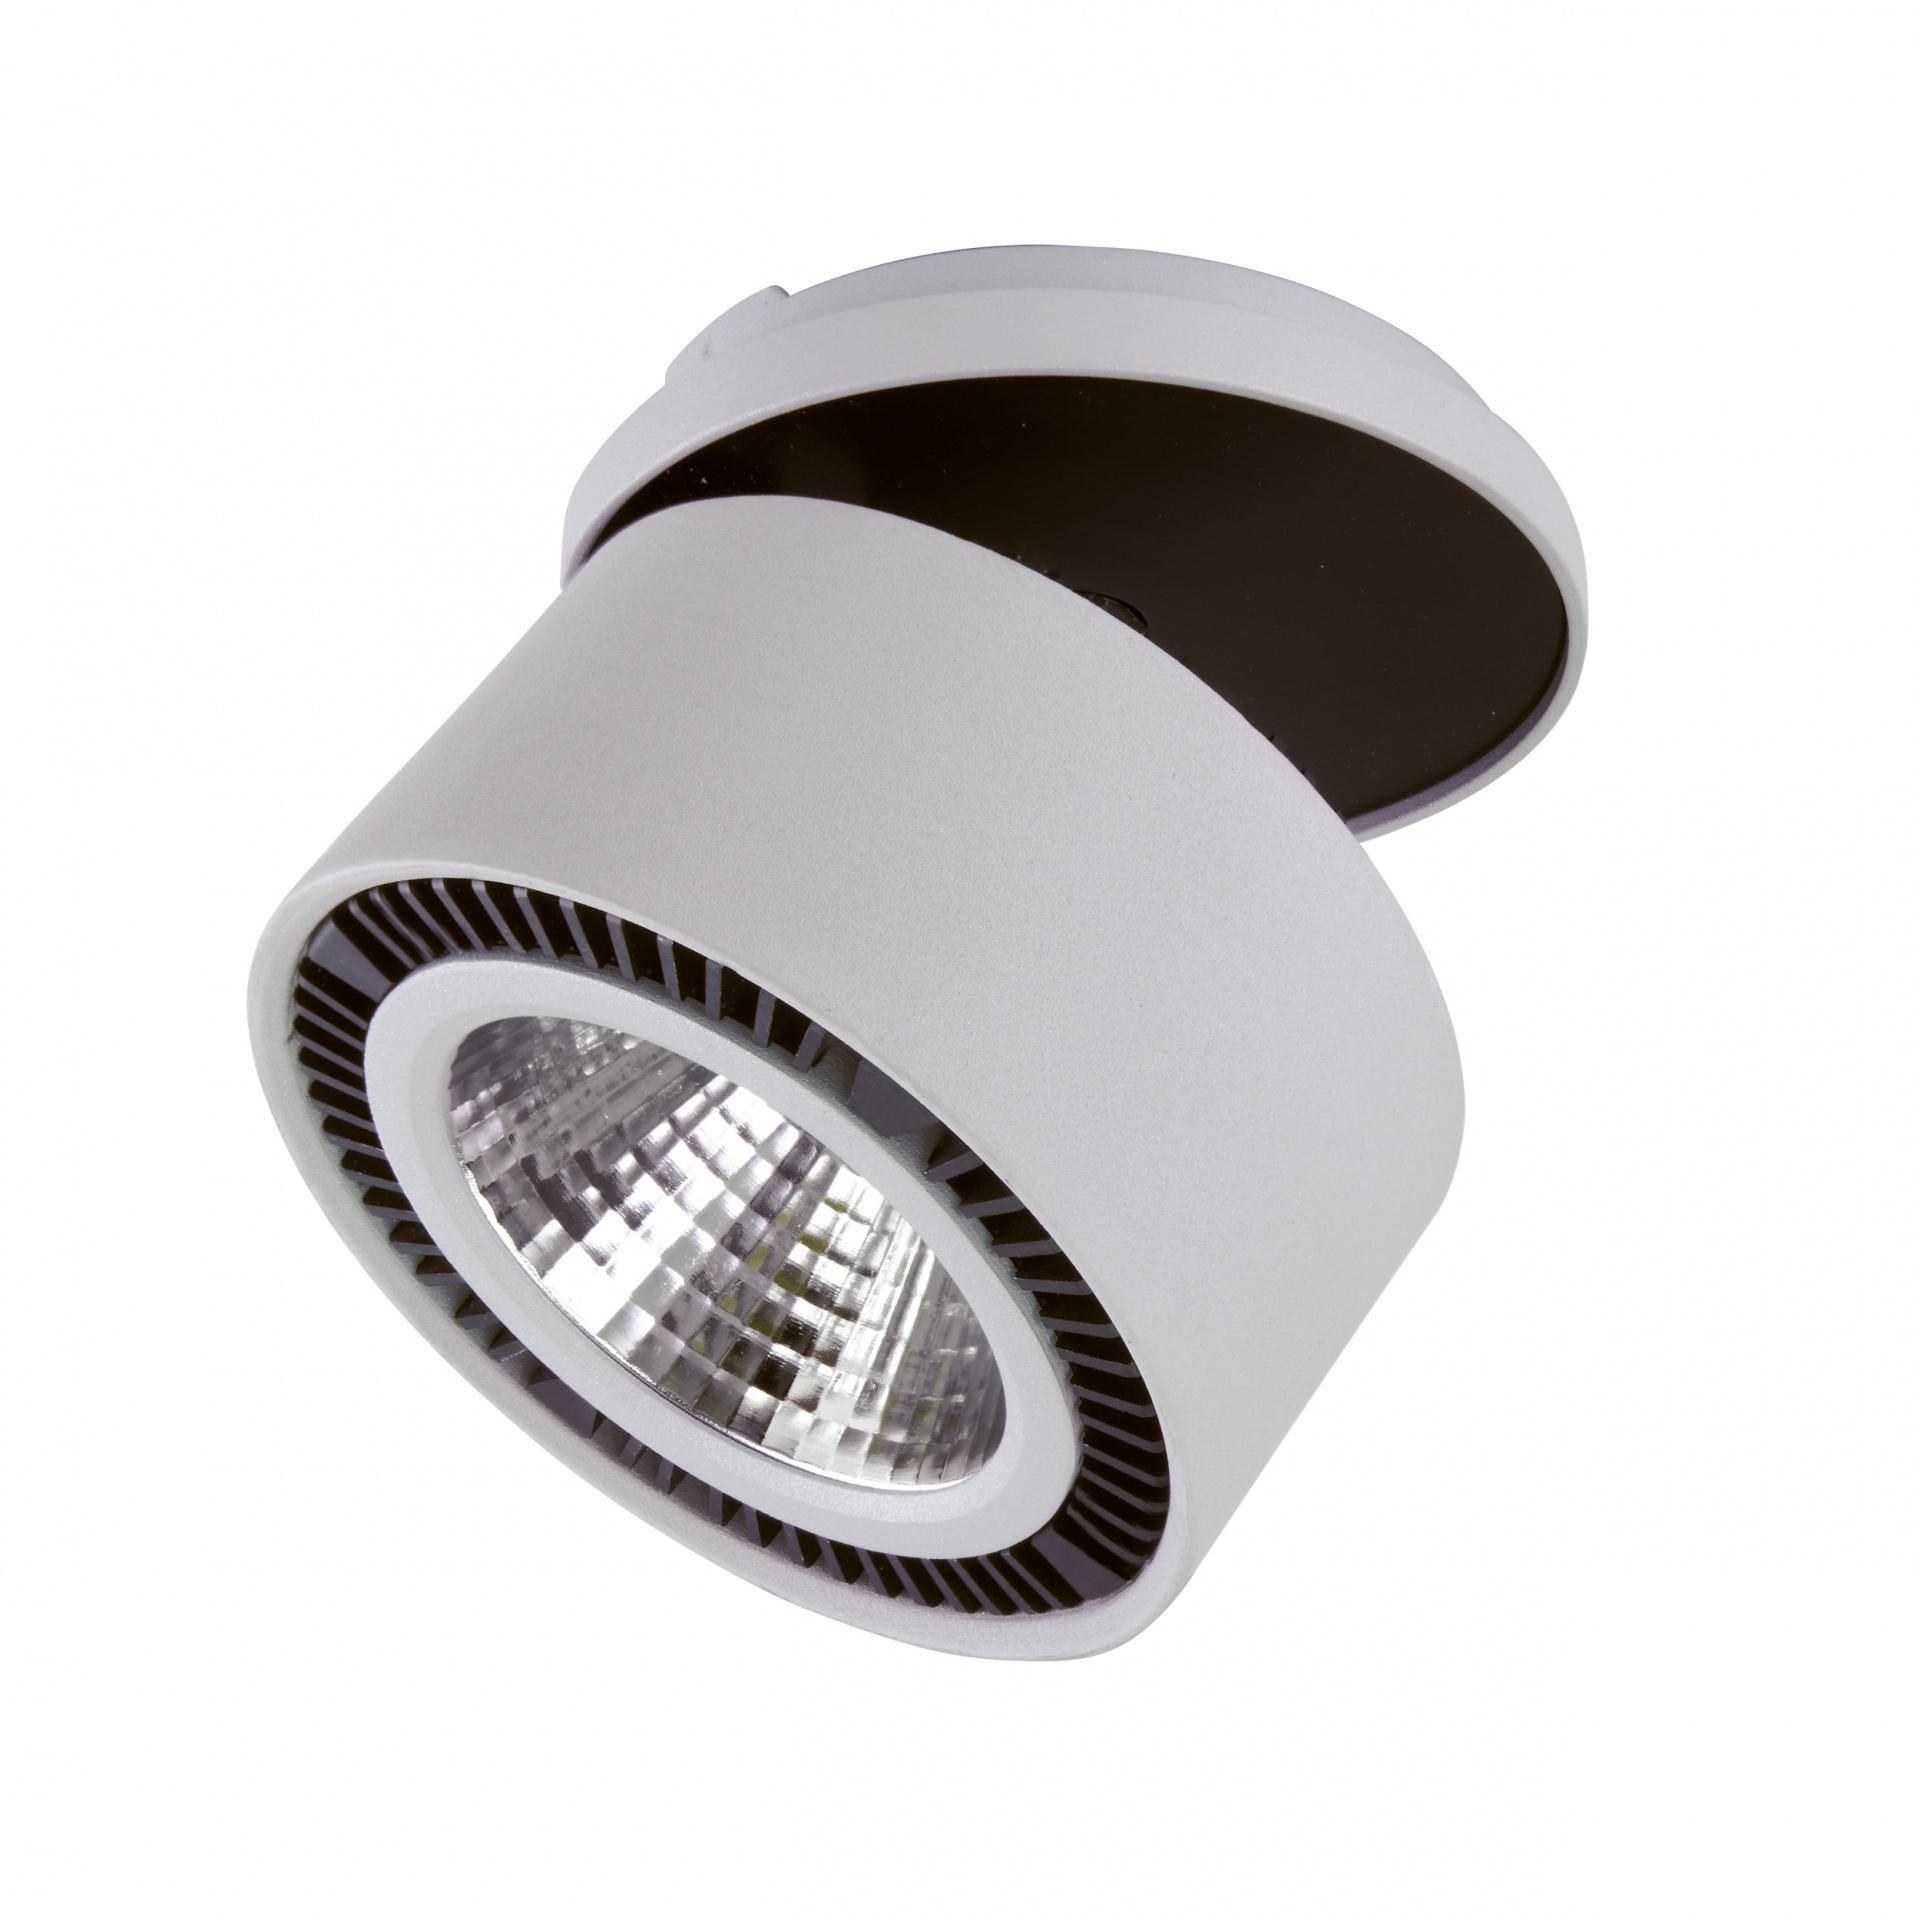 Светильник Forte inca LED 26W 1950LM 30G серый 3000K Lightstar 213829, купить в СПб, Москве, с доставкой, Санкт-Петербург, интернет-магазин люстр и светильников Starlight, фото в жизни